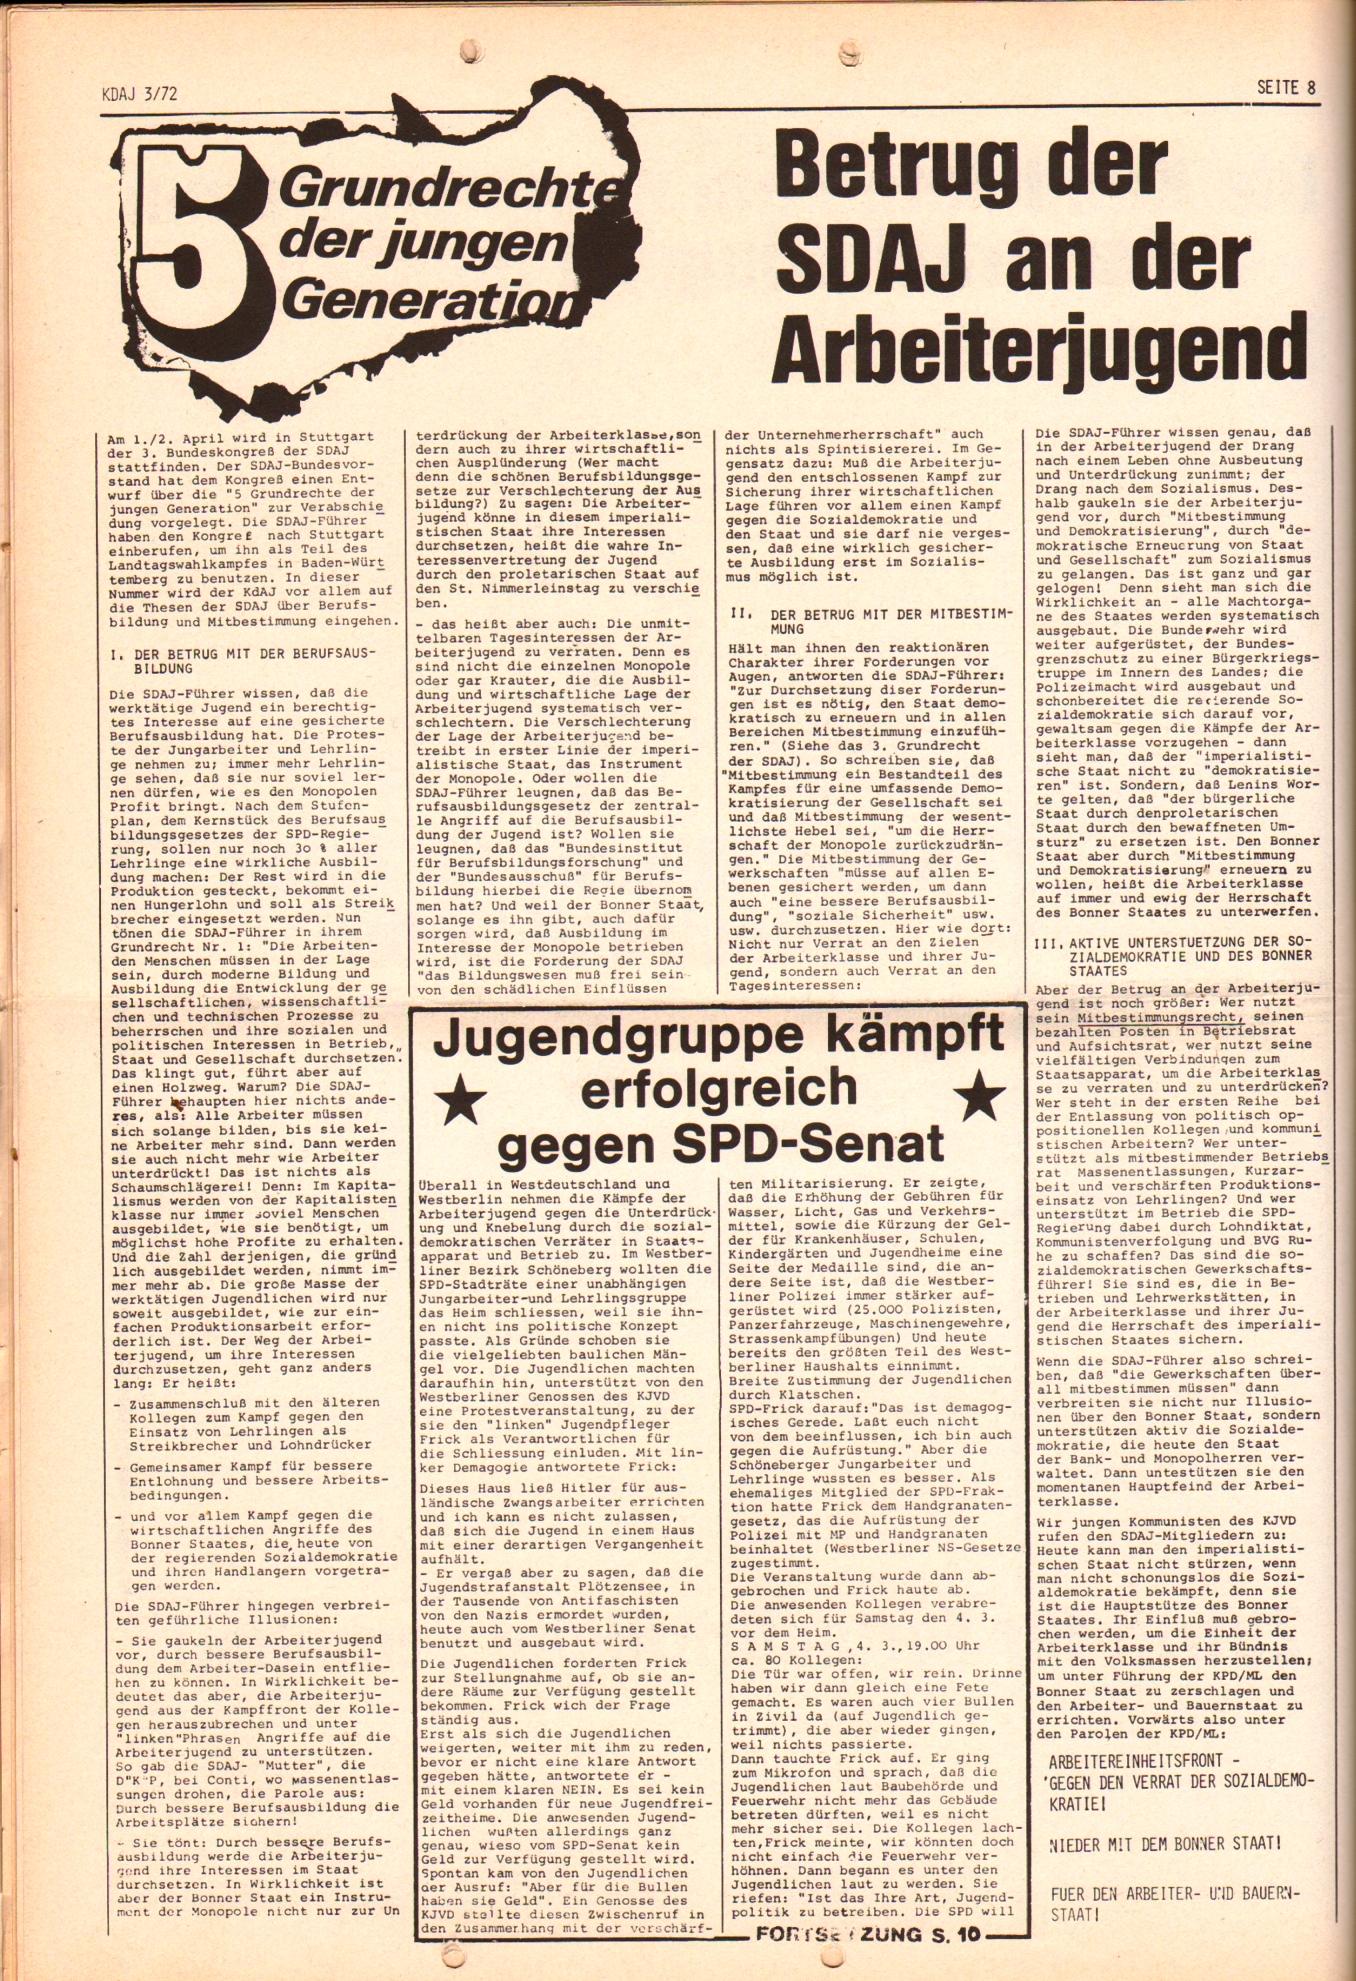 KDAJ, 3. Jg., April 1972, Nr. 3, Seite 8